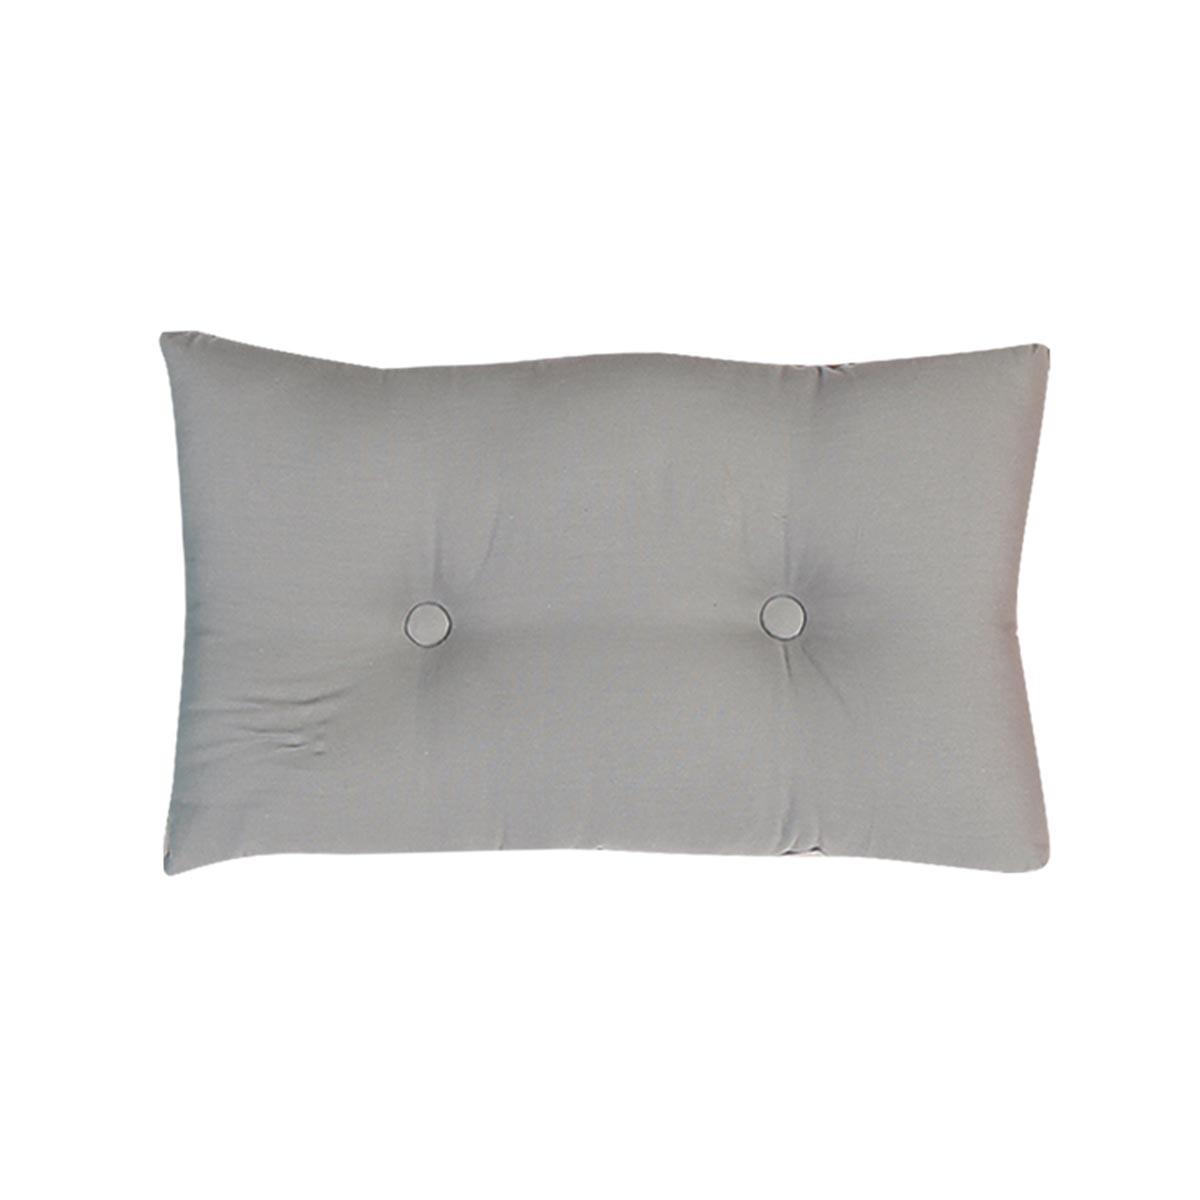 Διακοσμητικό Μαξιλάρι Nef-Nef Enjoy Grey